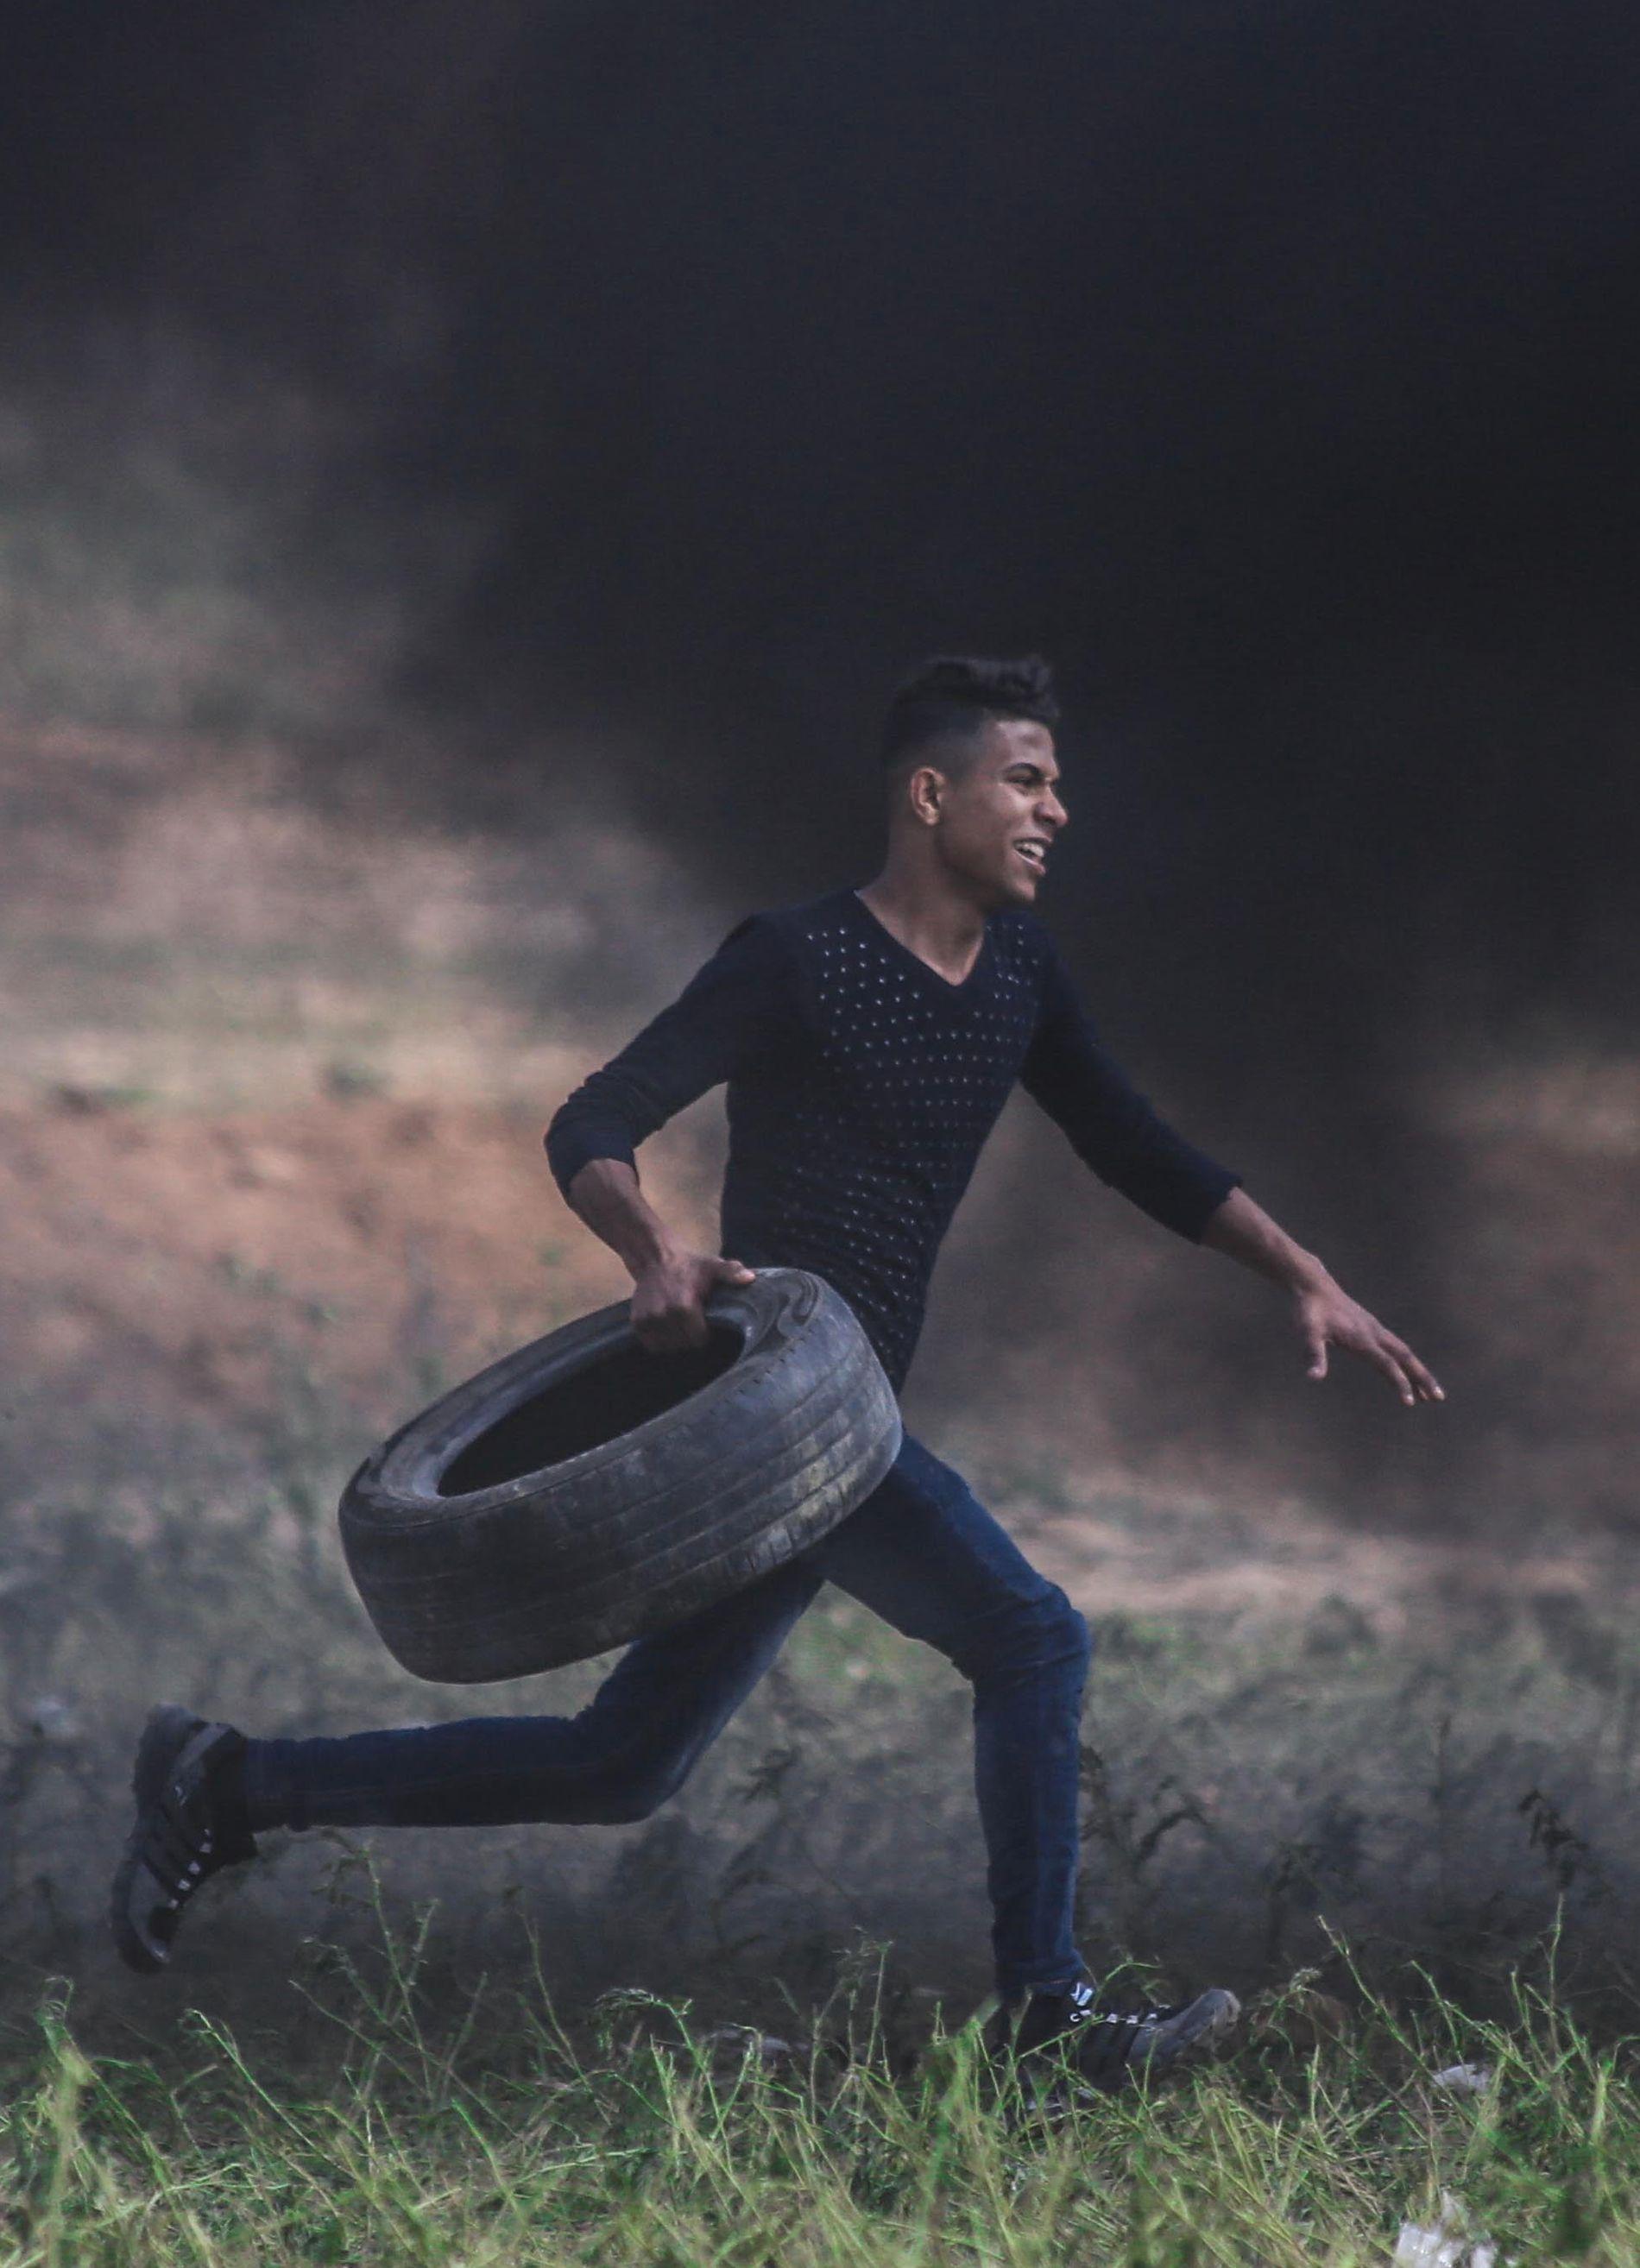 DET SISTE BILDET: Abdul Fattah Abdul Nabi løper med et bildekk i hendene rett før han blir skutt og drept.